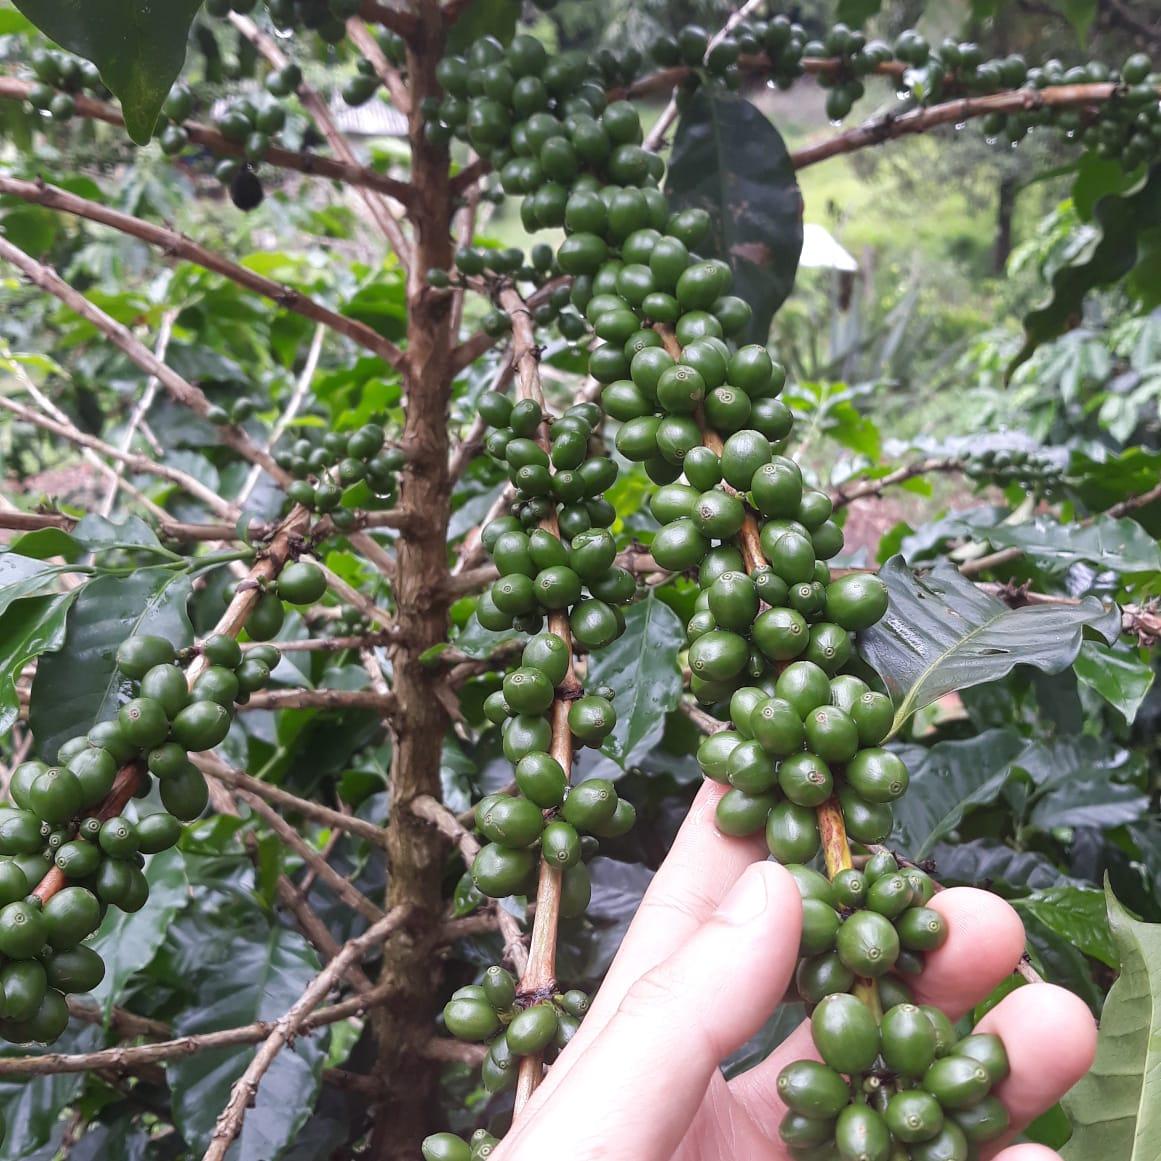 Brazilian coffee green